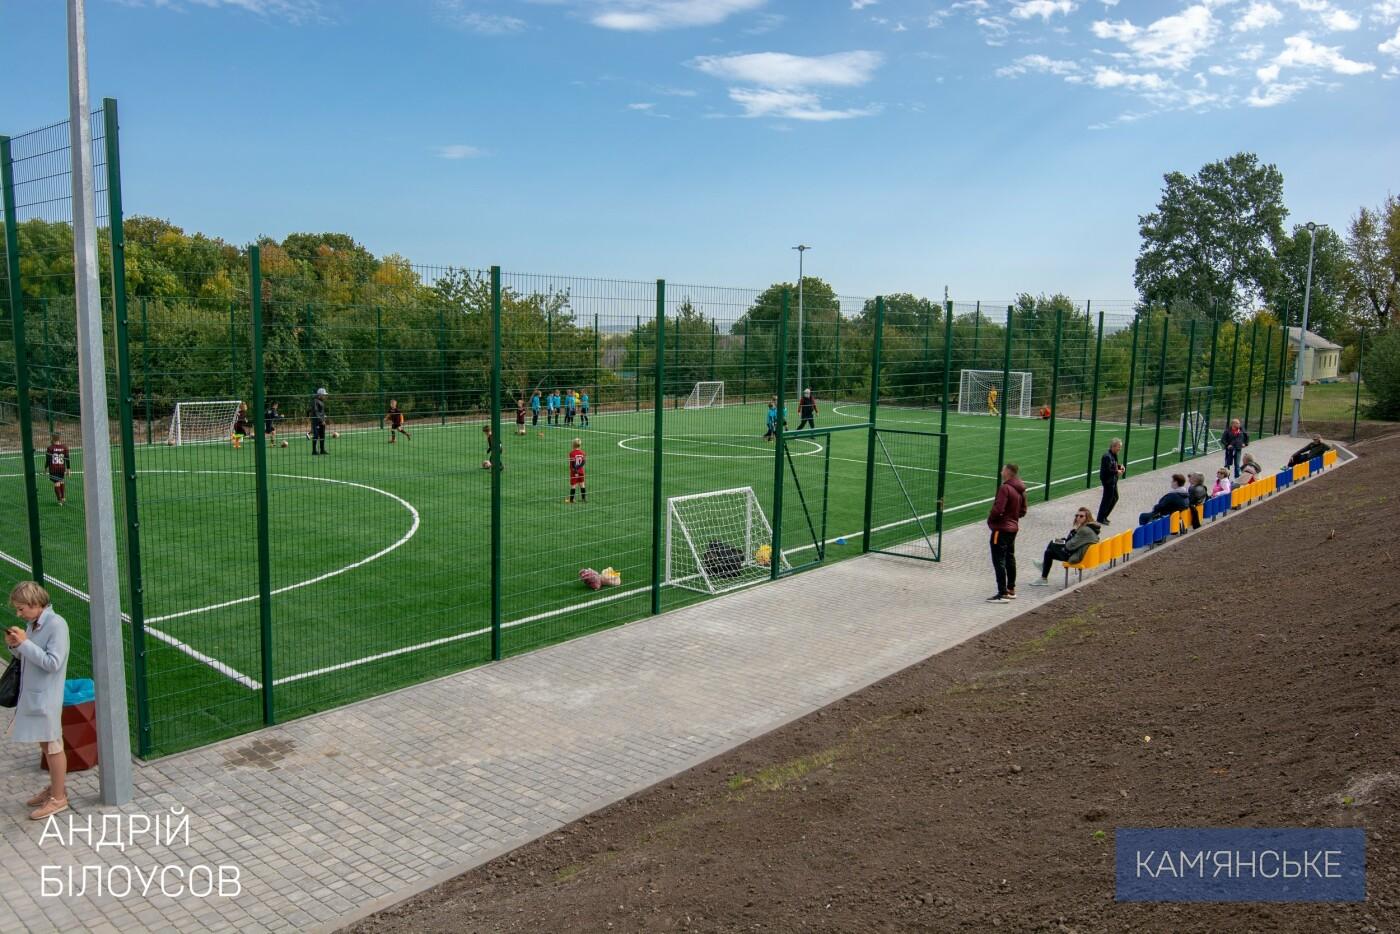 В Карнауховке открыли многофункциональный спортивный комплекс, фото-1